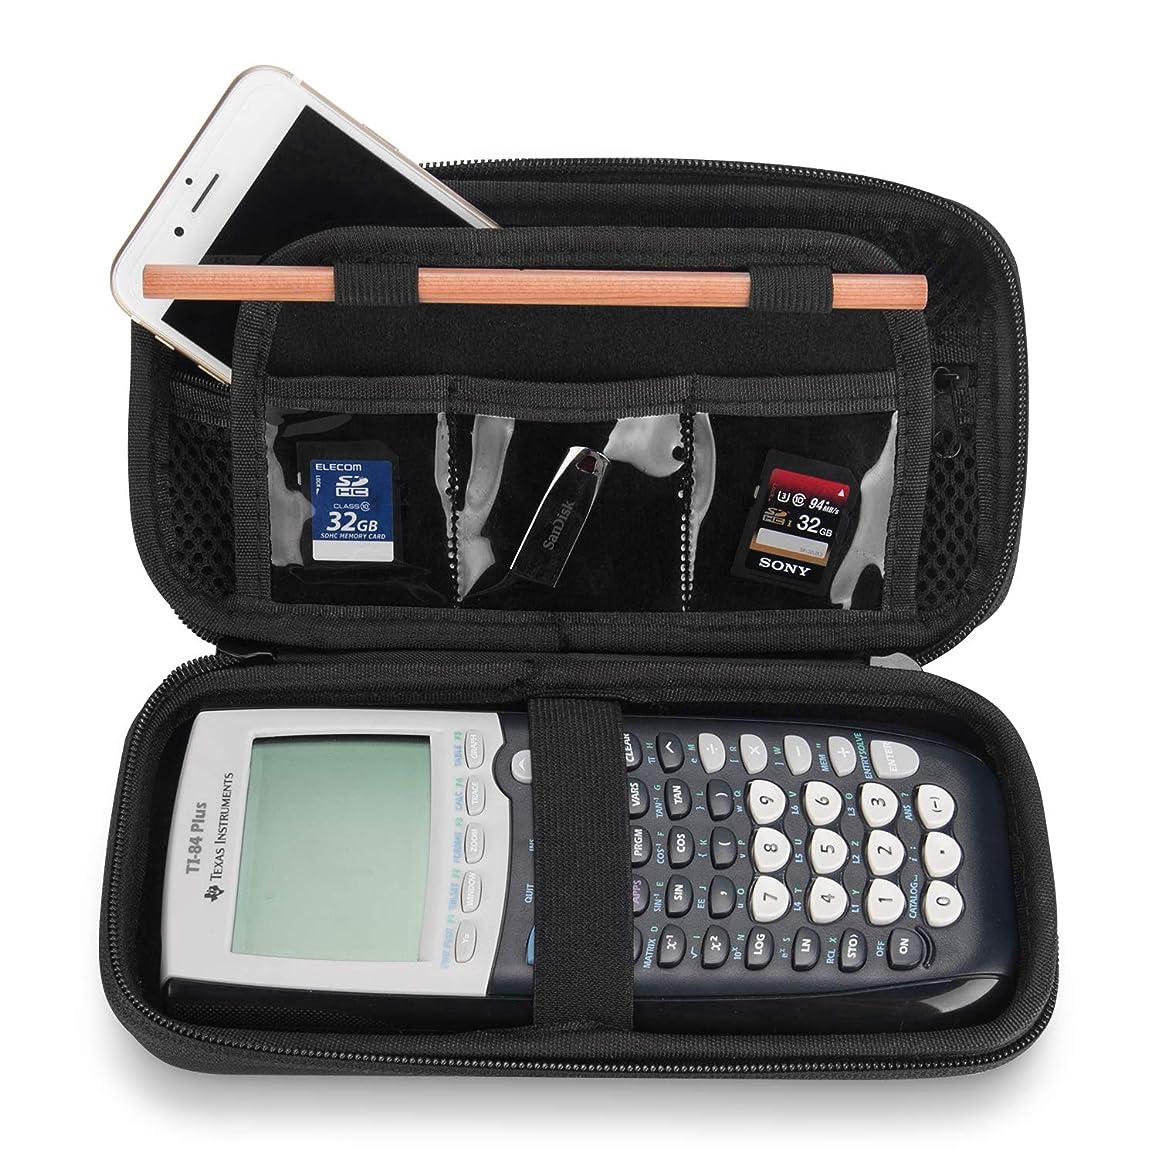 ミンチ興味コンパスProCase [電卓用] EVA ハードケース 防水 衝撃吸収 トラベル収納ポーチ 適用機種:Texas Instruments Ti-84 Plus グラフ電卓 -ブラック